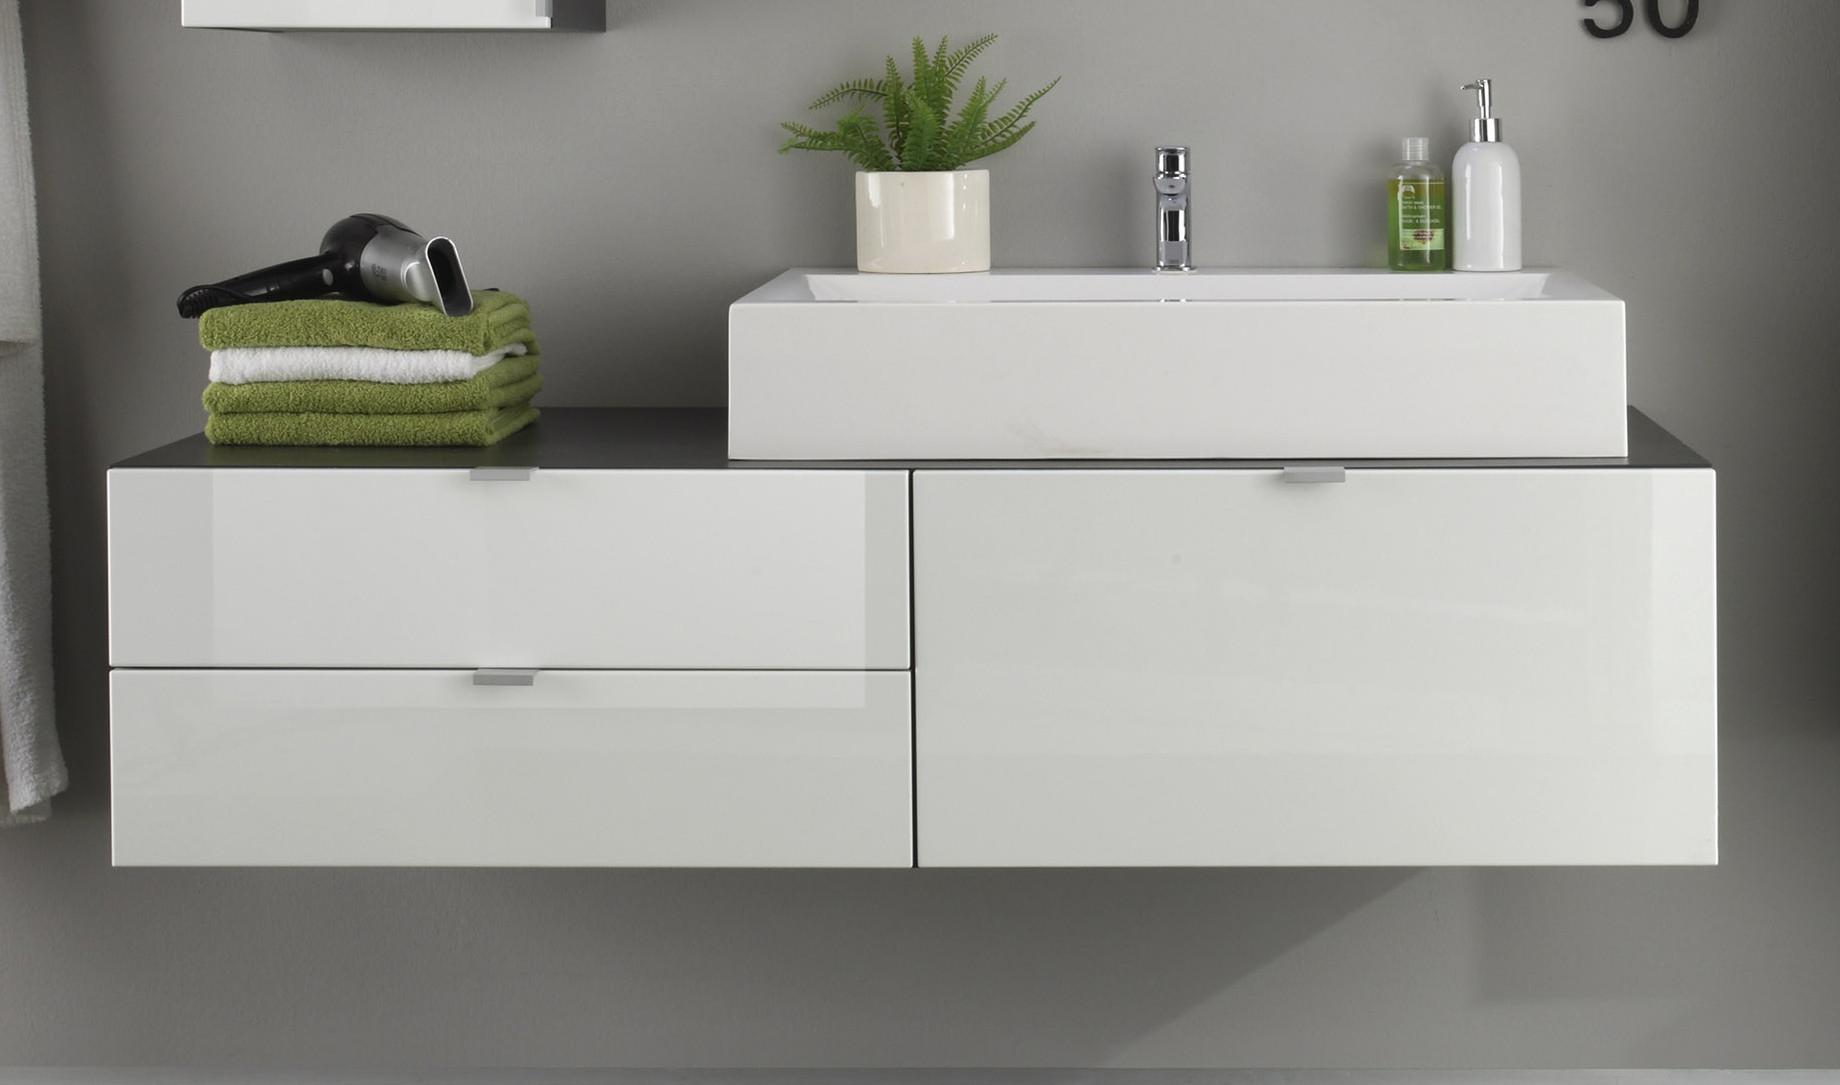 waschbeckenunterschrank wei hochglanz woody 93 00796. Black Bedroom Furniture Sets. Home Design Ideas